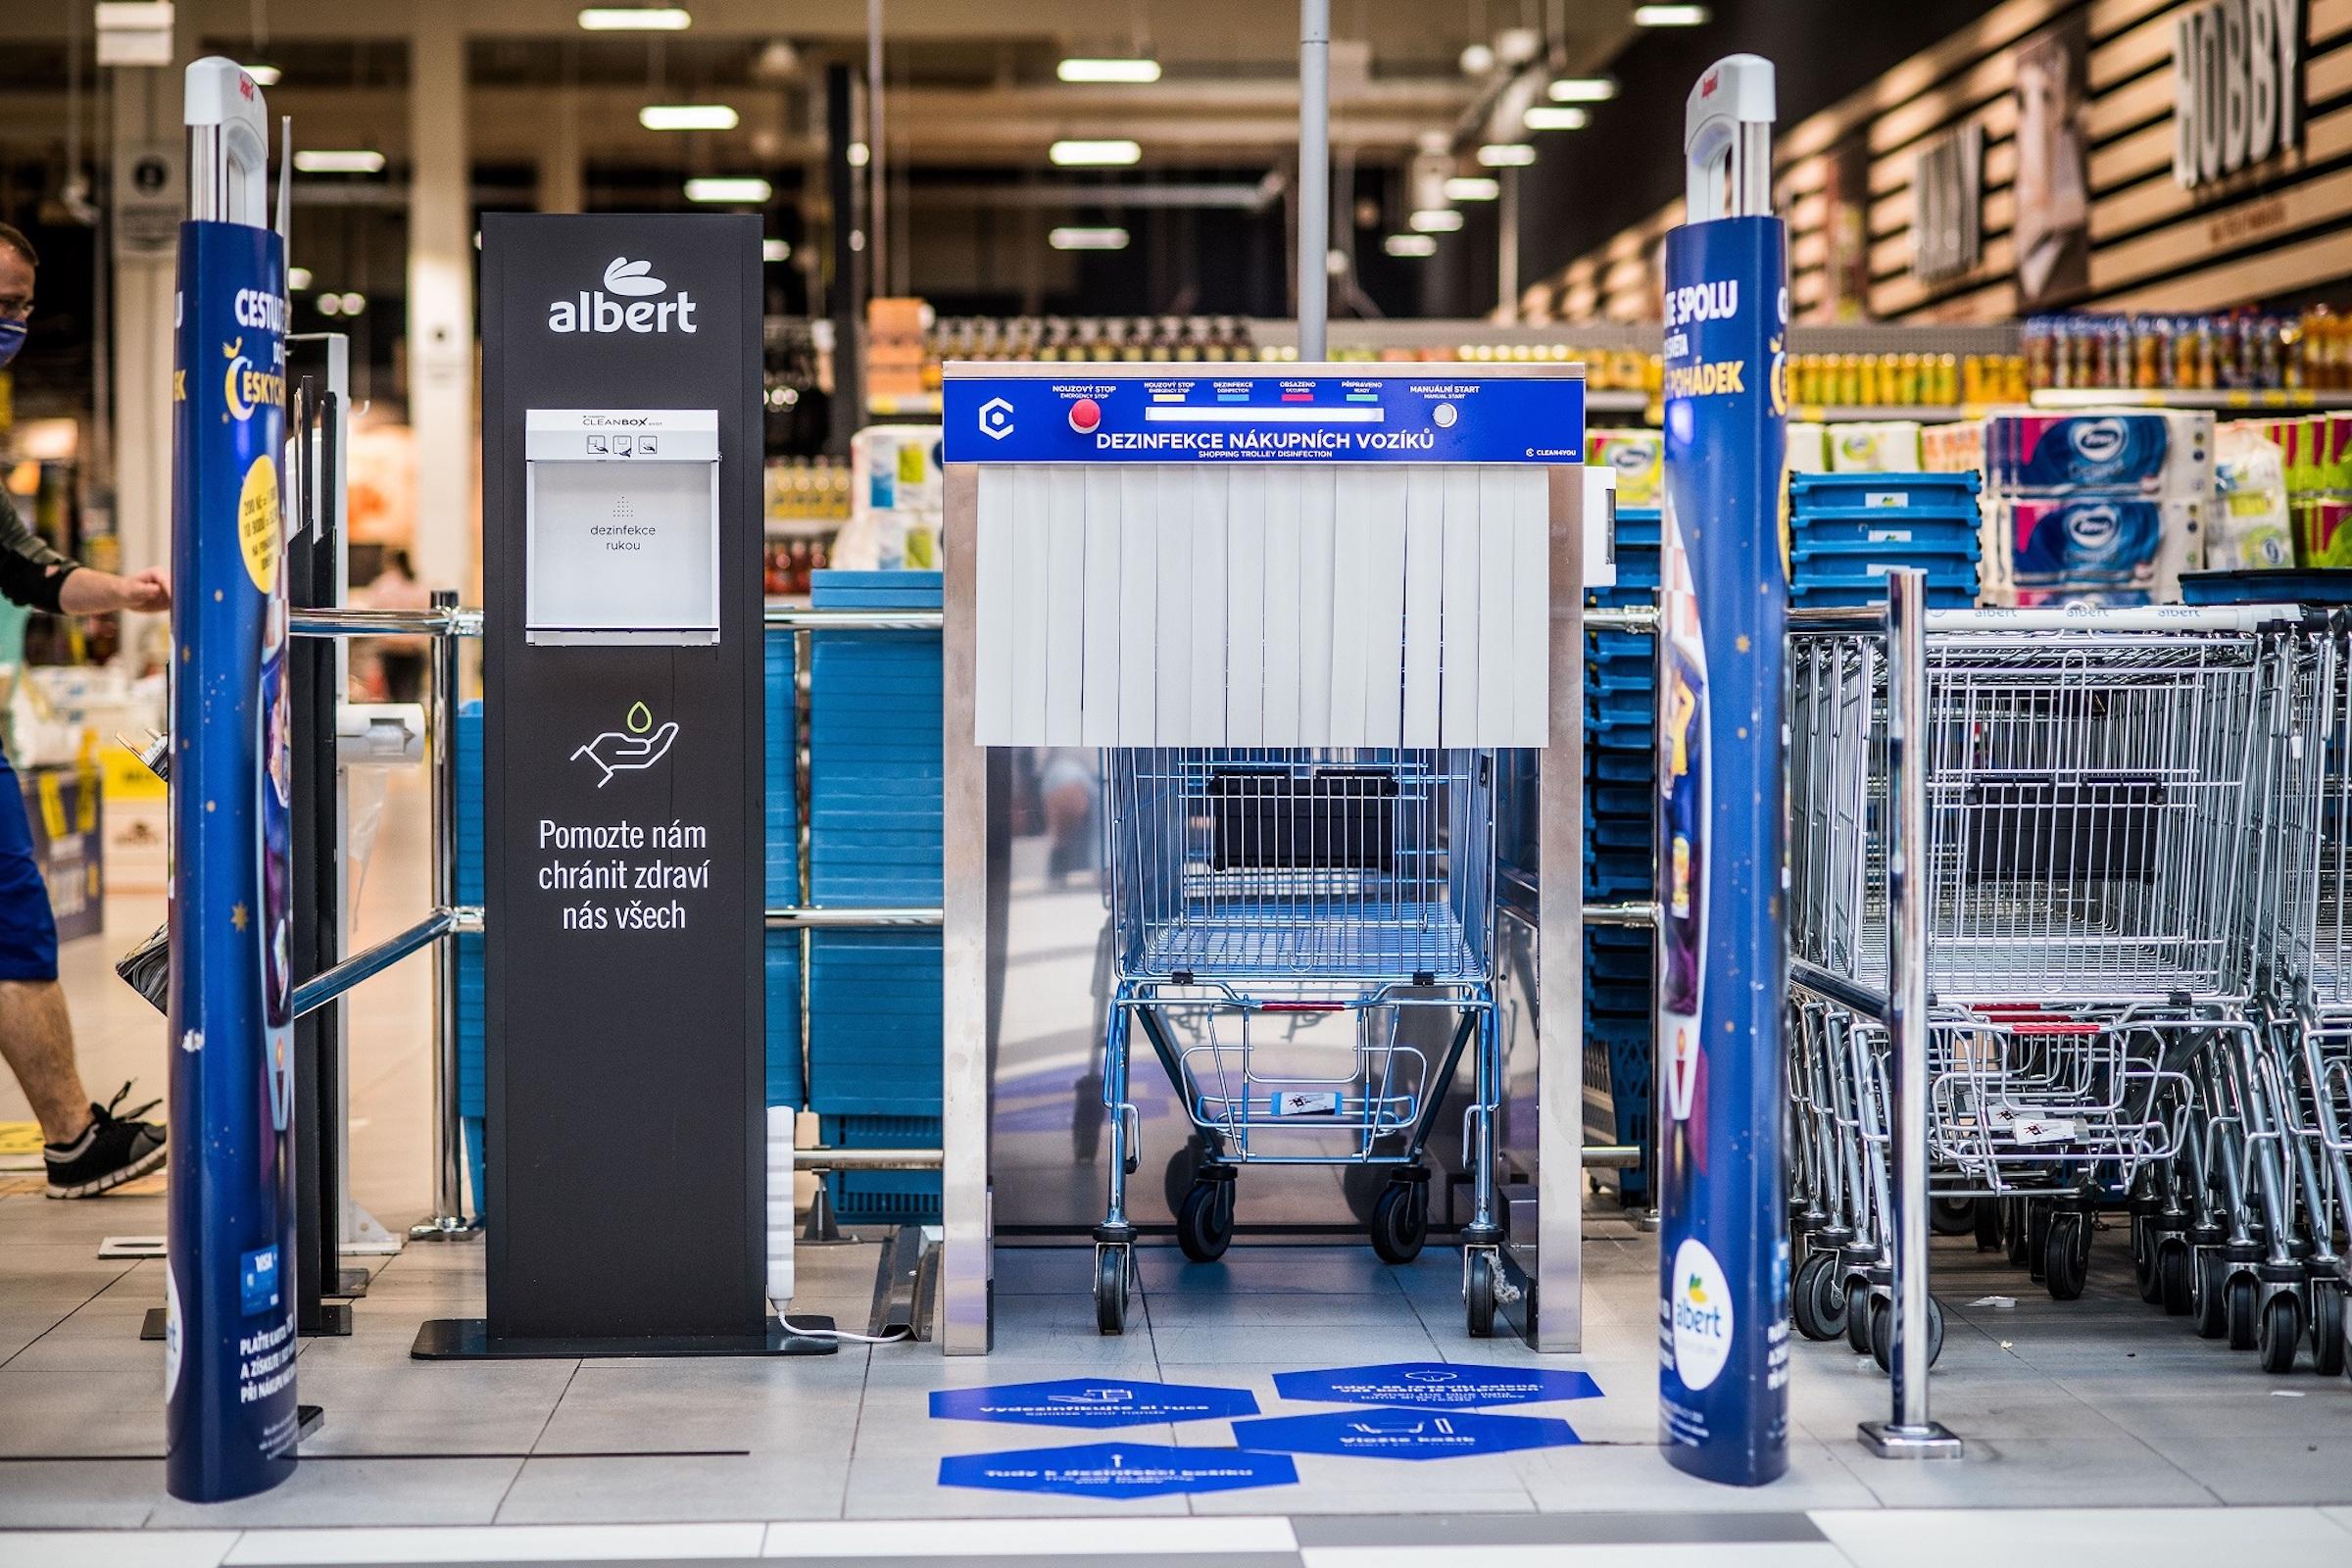 Testování novinky zahájil Albert v hypermarketu v pražských Nových Butovicích